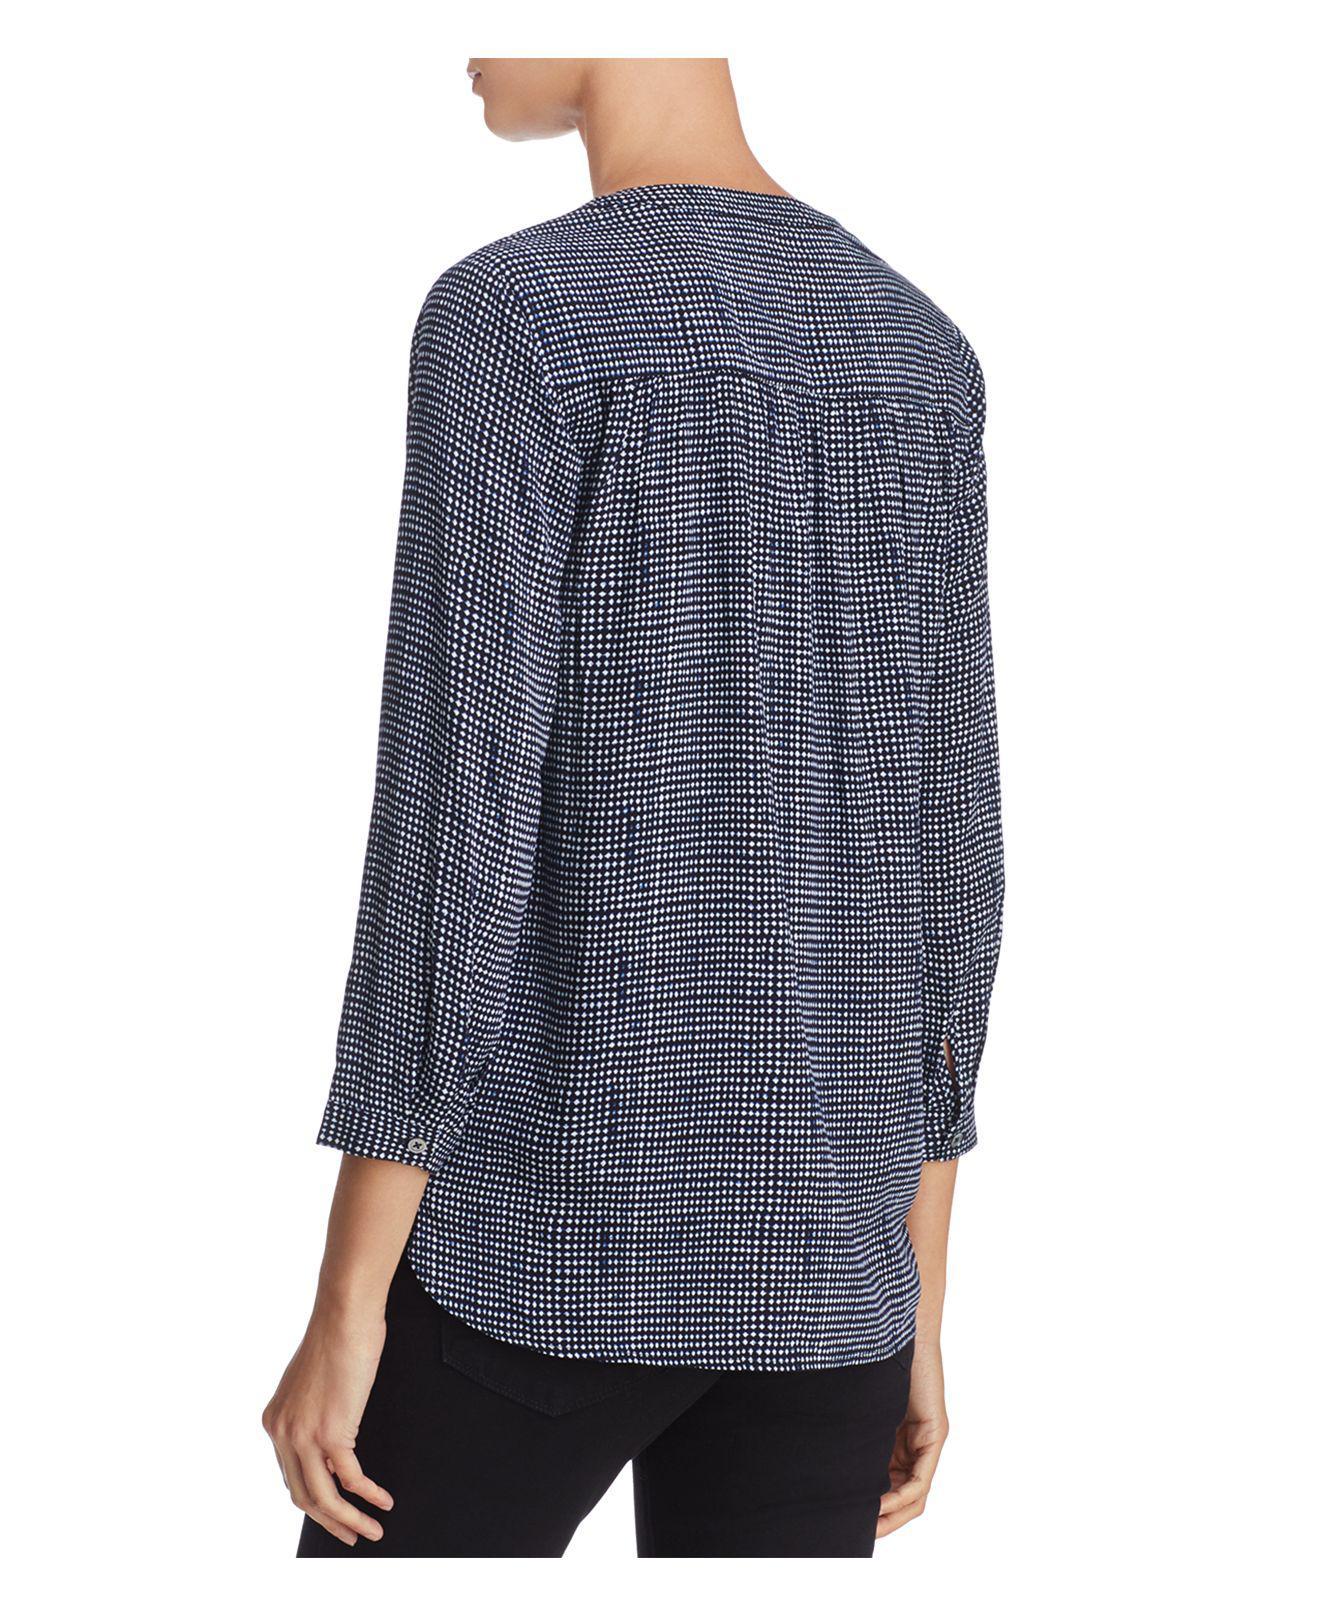 512130383733b Lyst - Soft Joie Rosalynn Diamond-shaped Pattern Top in Blue